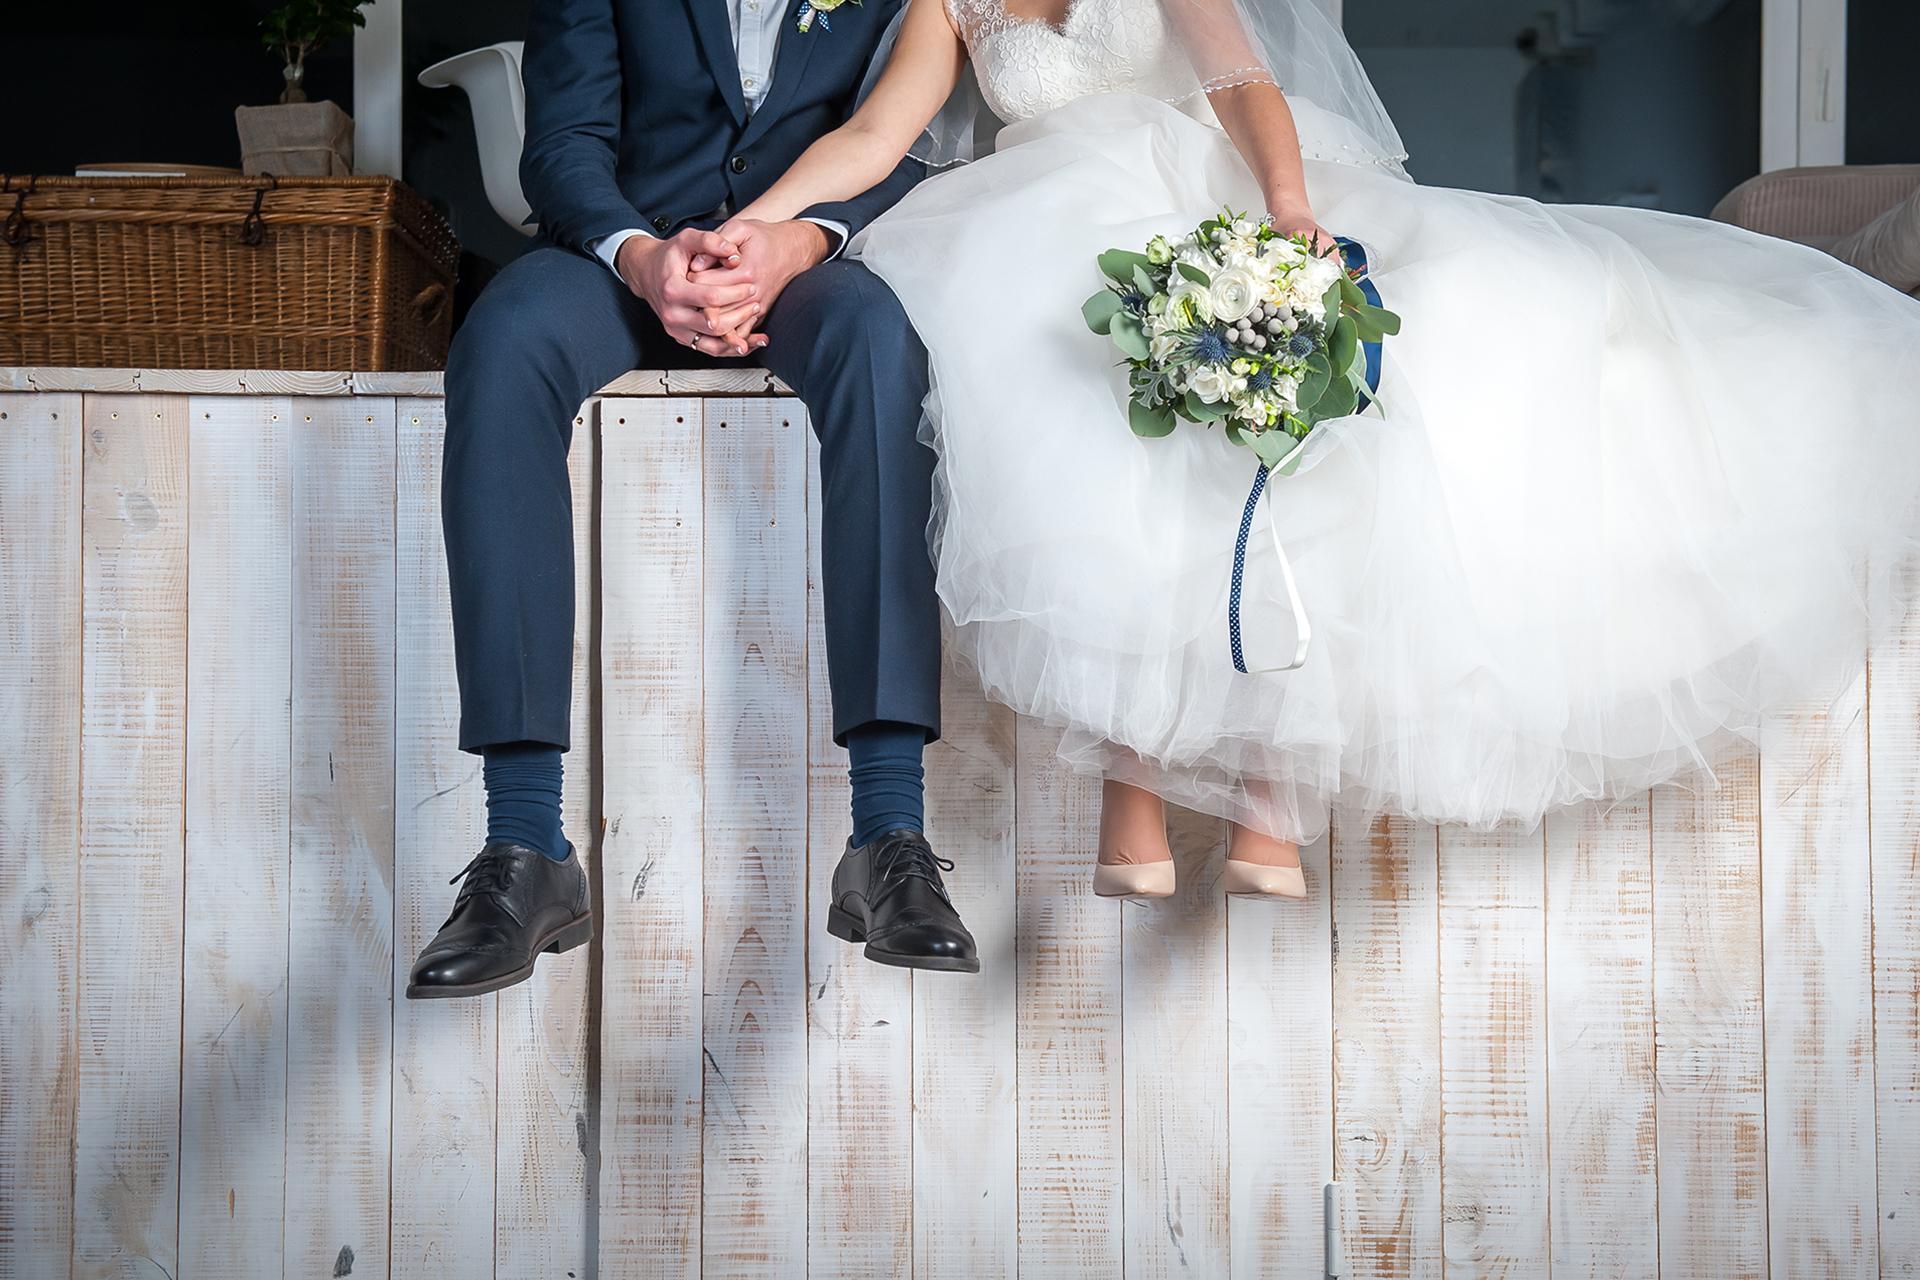 婚活パーティのメリット・デメリット!婚活パーティの種類もご紹介